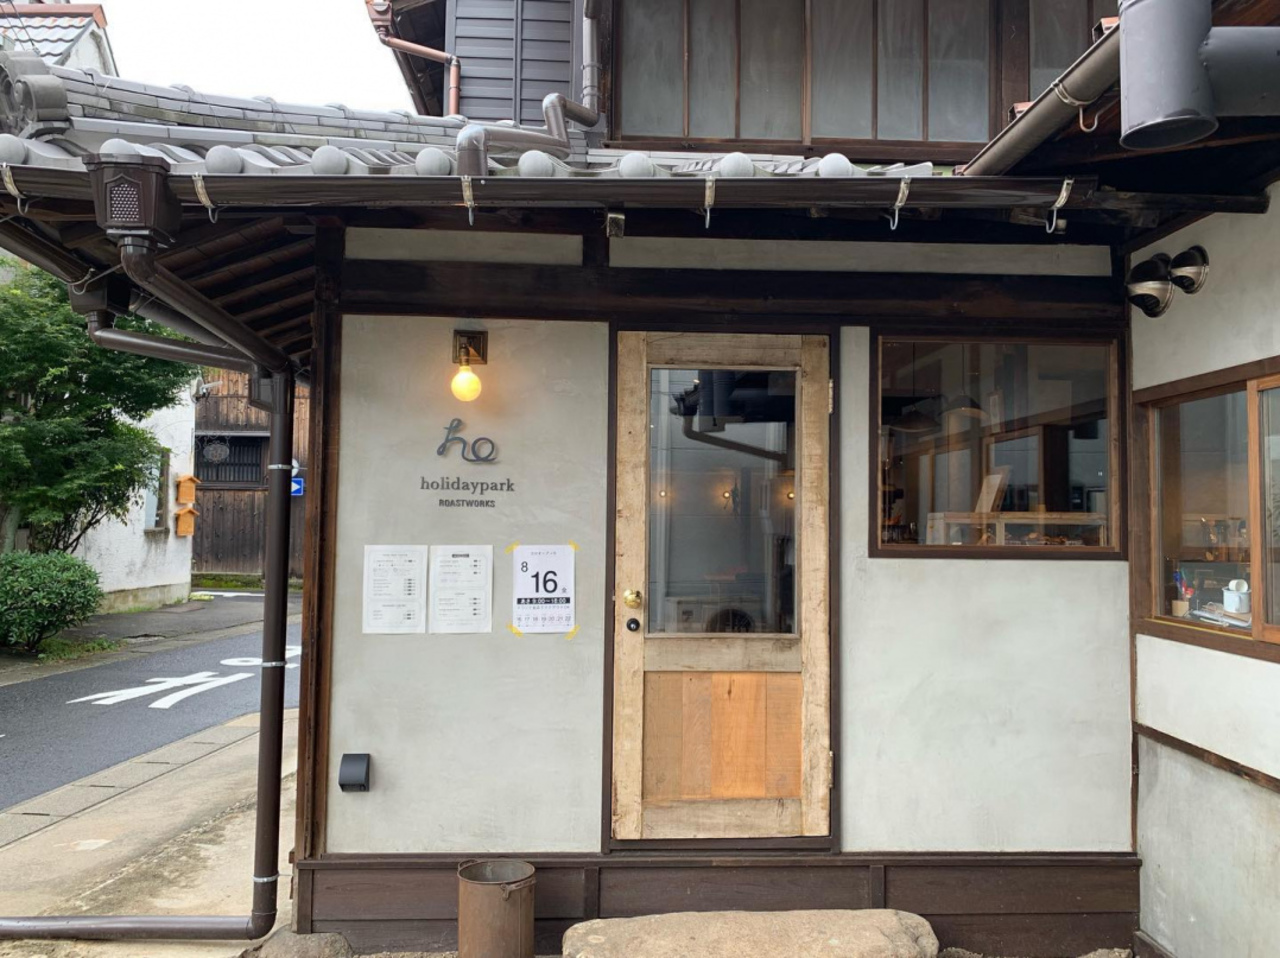 偶然に出会いつながり会う場所...岐阜県中津川市本町に『ホリデーパークローストワークス』オープン